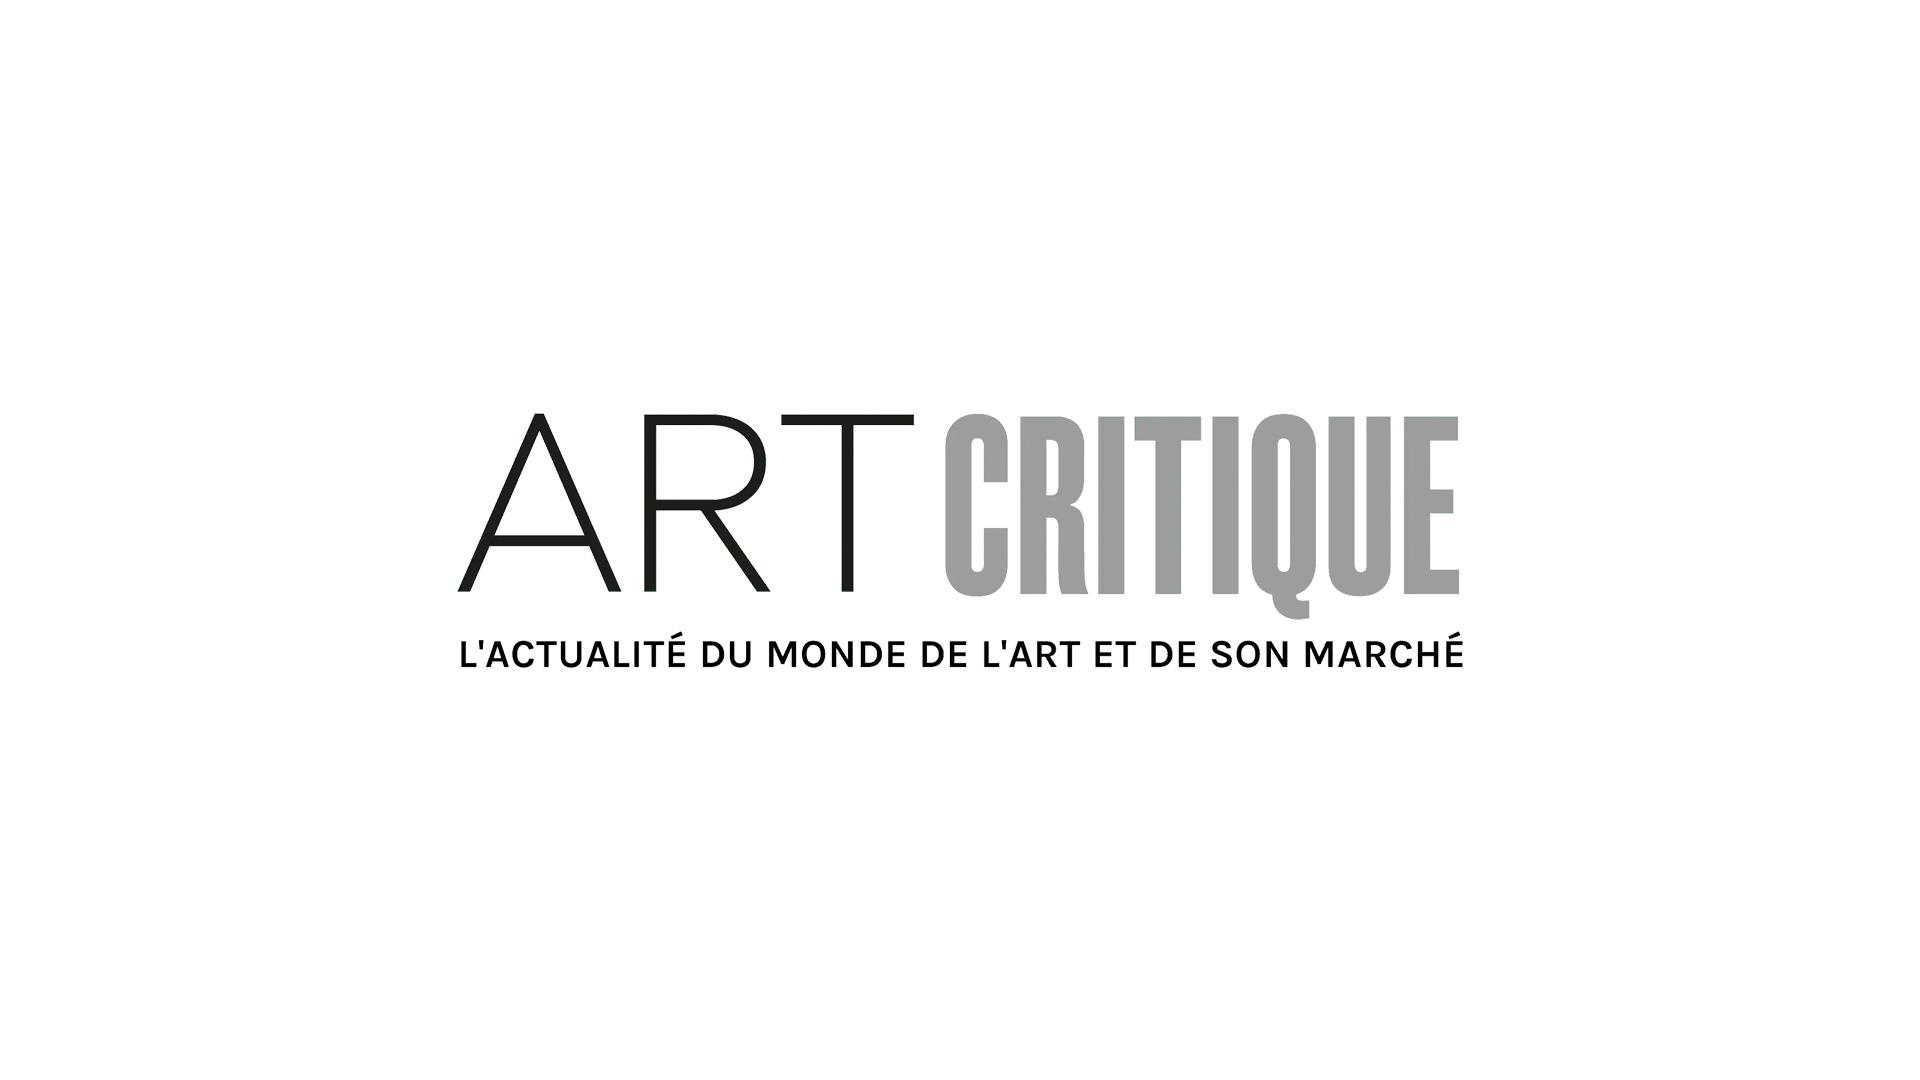 Paperboard, un livre sur la conférence performance